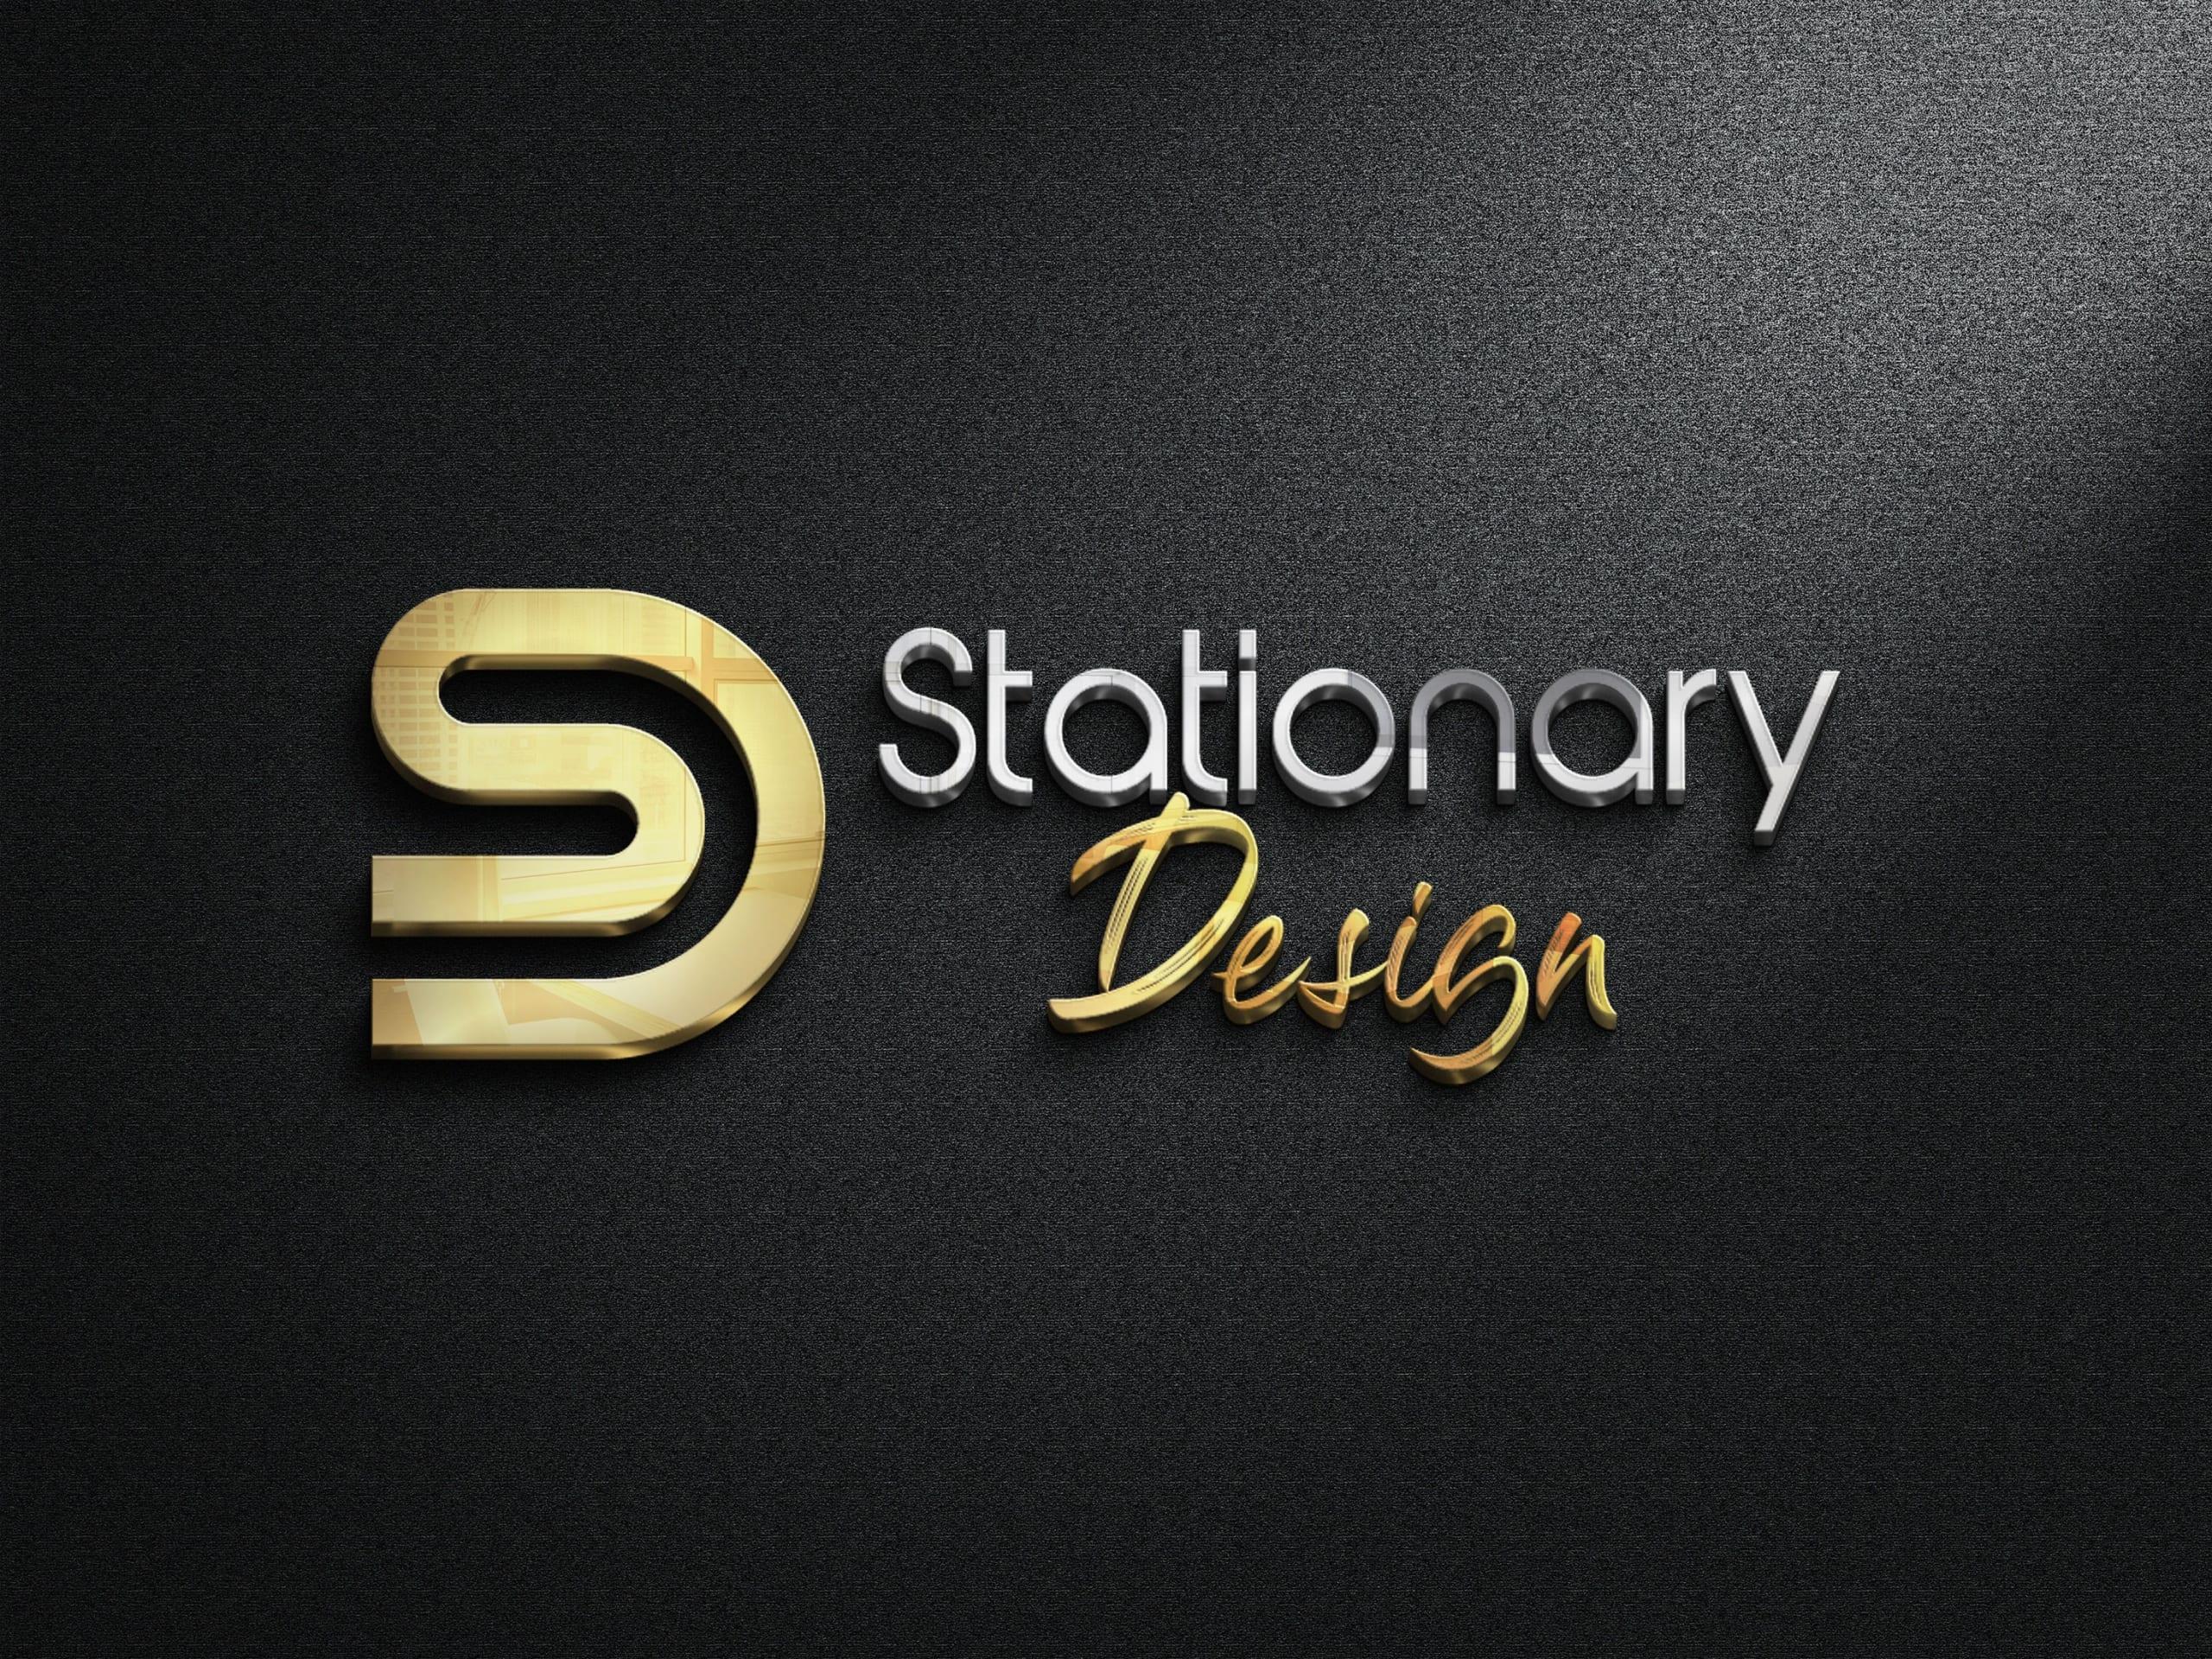 stationary-design-portfolio